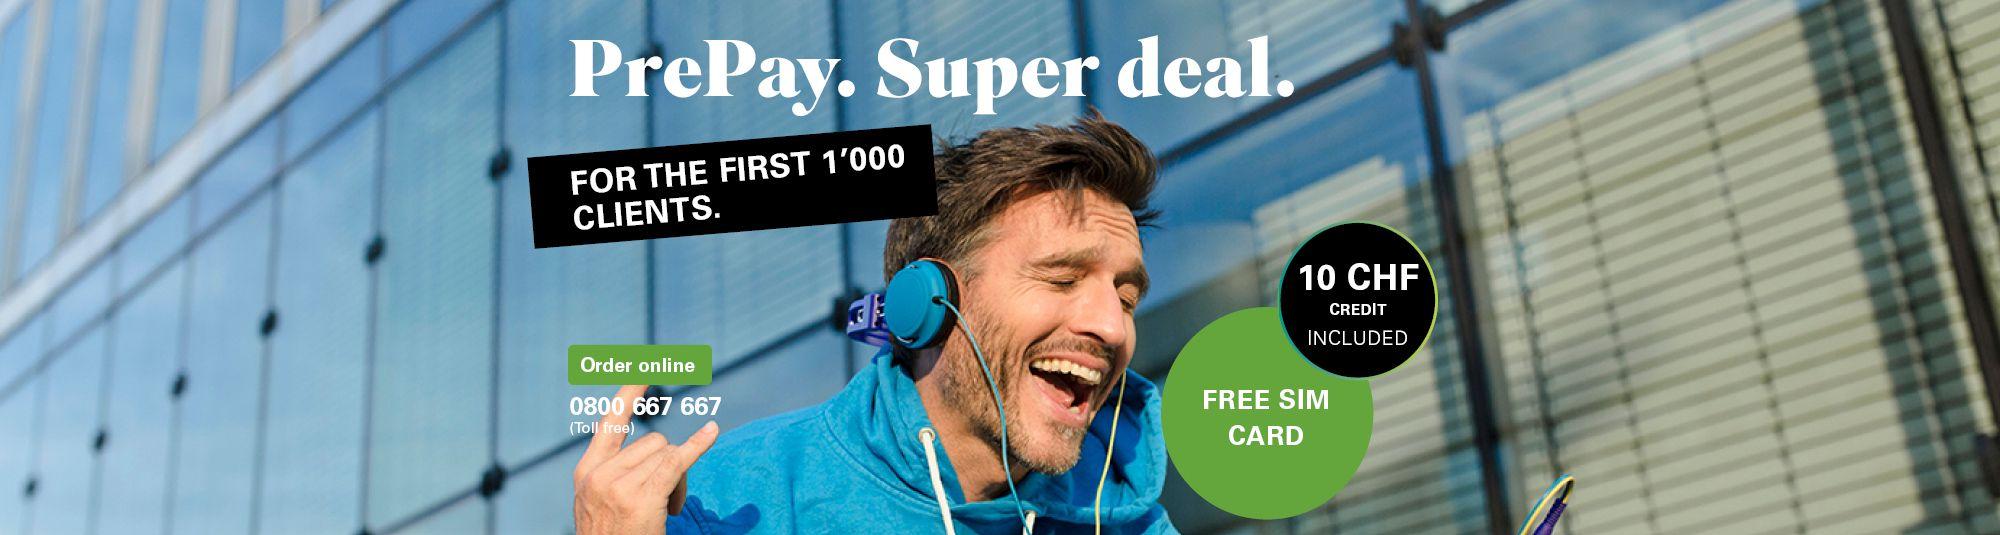 Lokal Schweiz - Salt Prepaid mit 10CHF gratis (sowie Sunrise 4.90 CHF, statt 19.90 CHF)